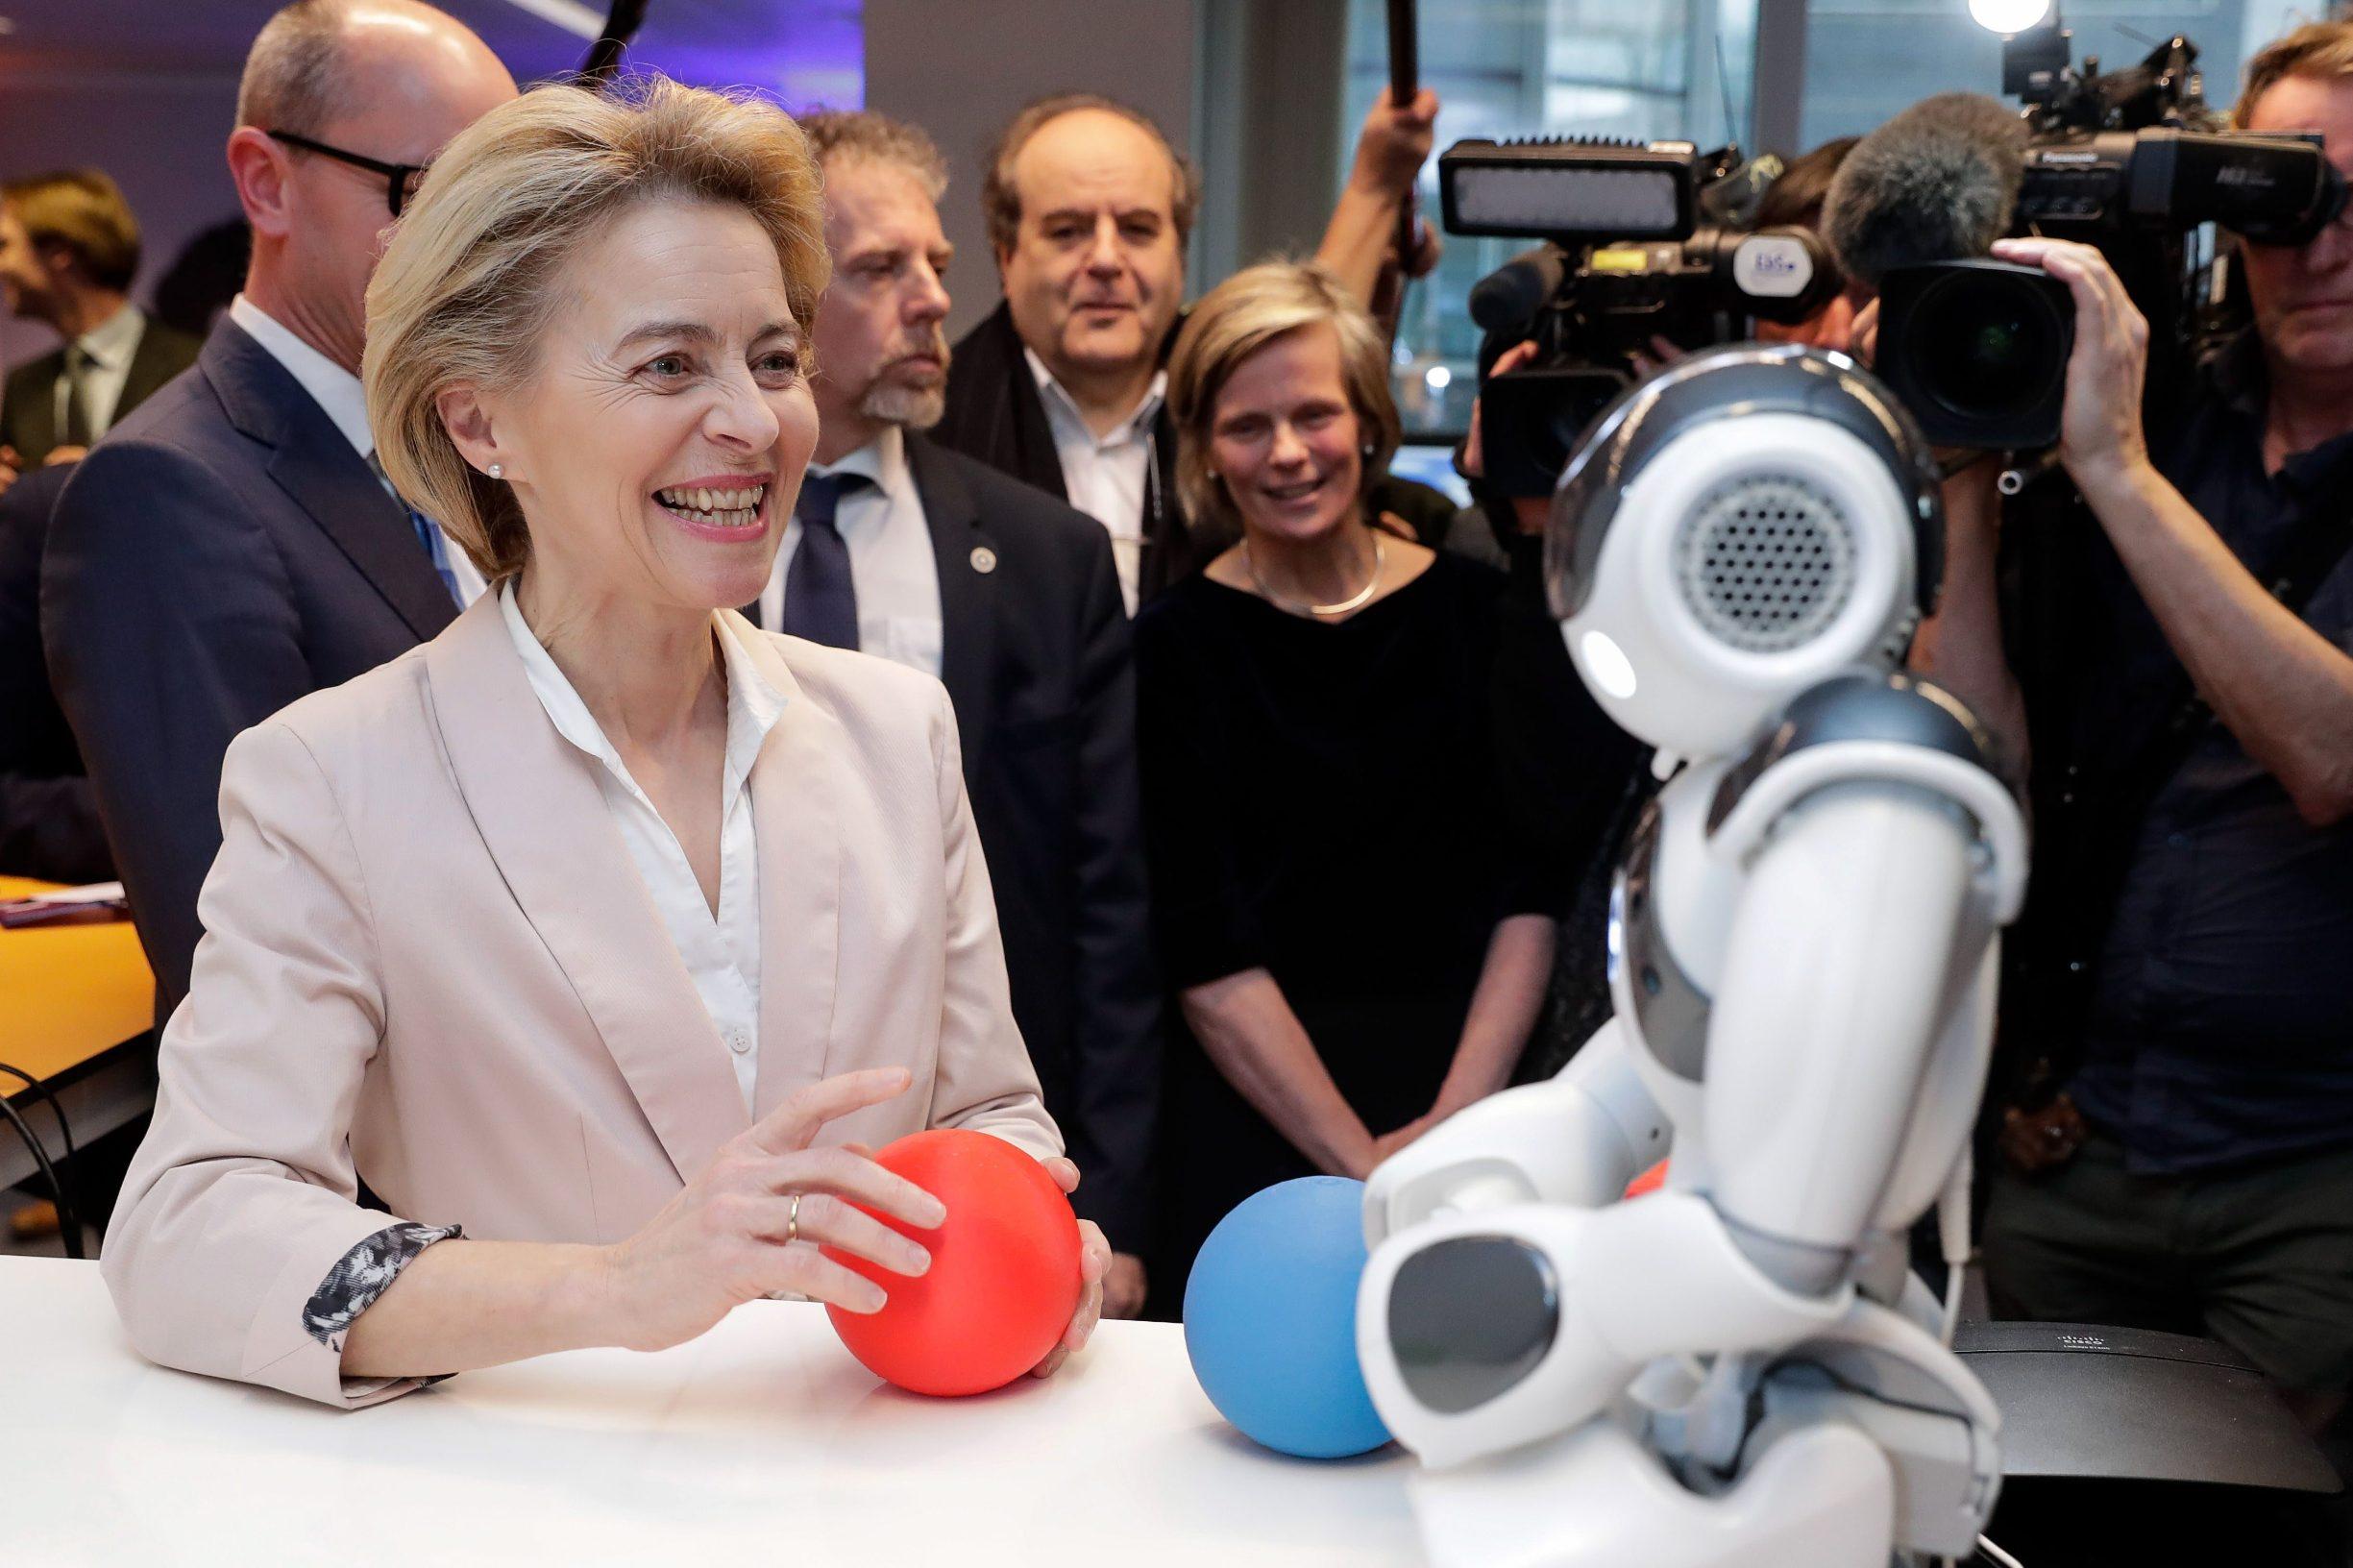 Predsjednica Europske komisije Ursula von der Leyen prilikom današnjeg posjeta sveučilištu Vrije Universiteit Brussel gdje su joj stručnjaci i studenti predstavili najuspješnije projekte na području umjetne inteligencije